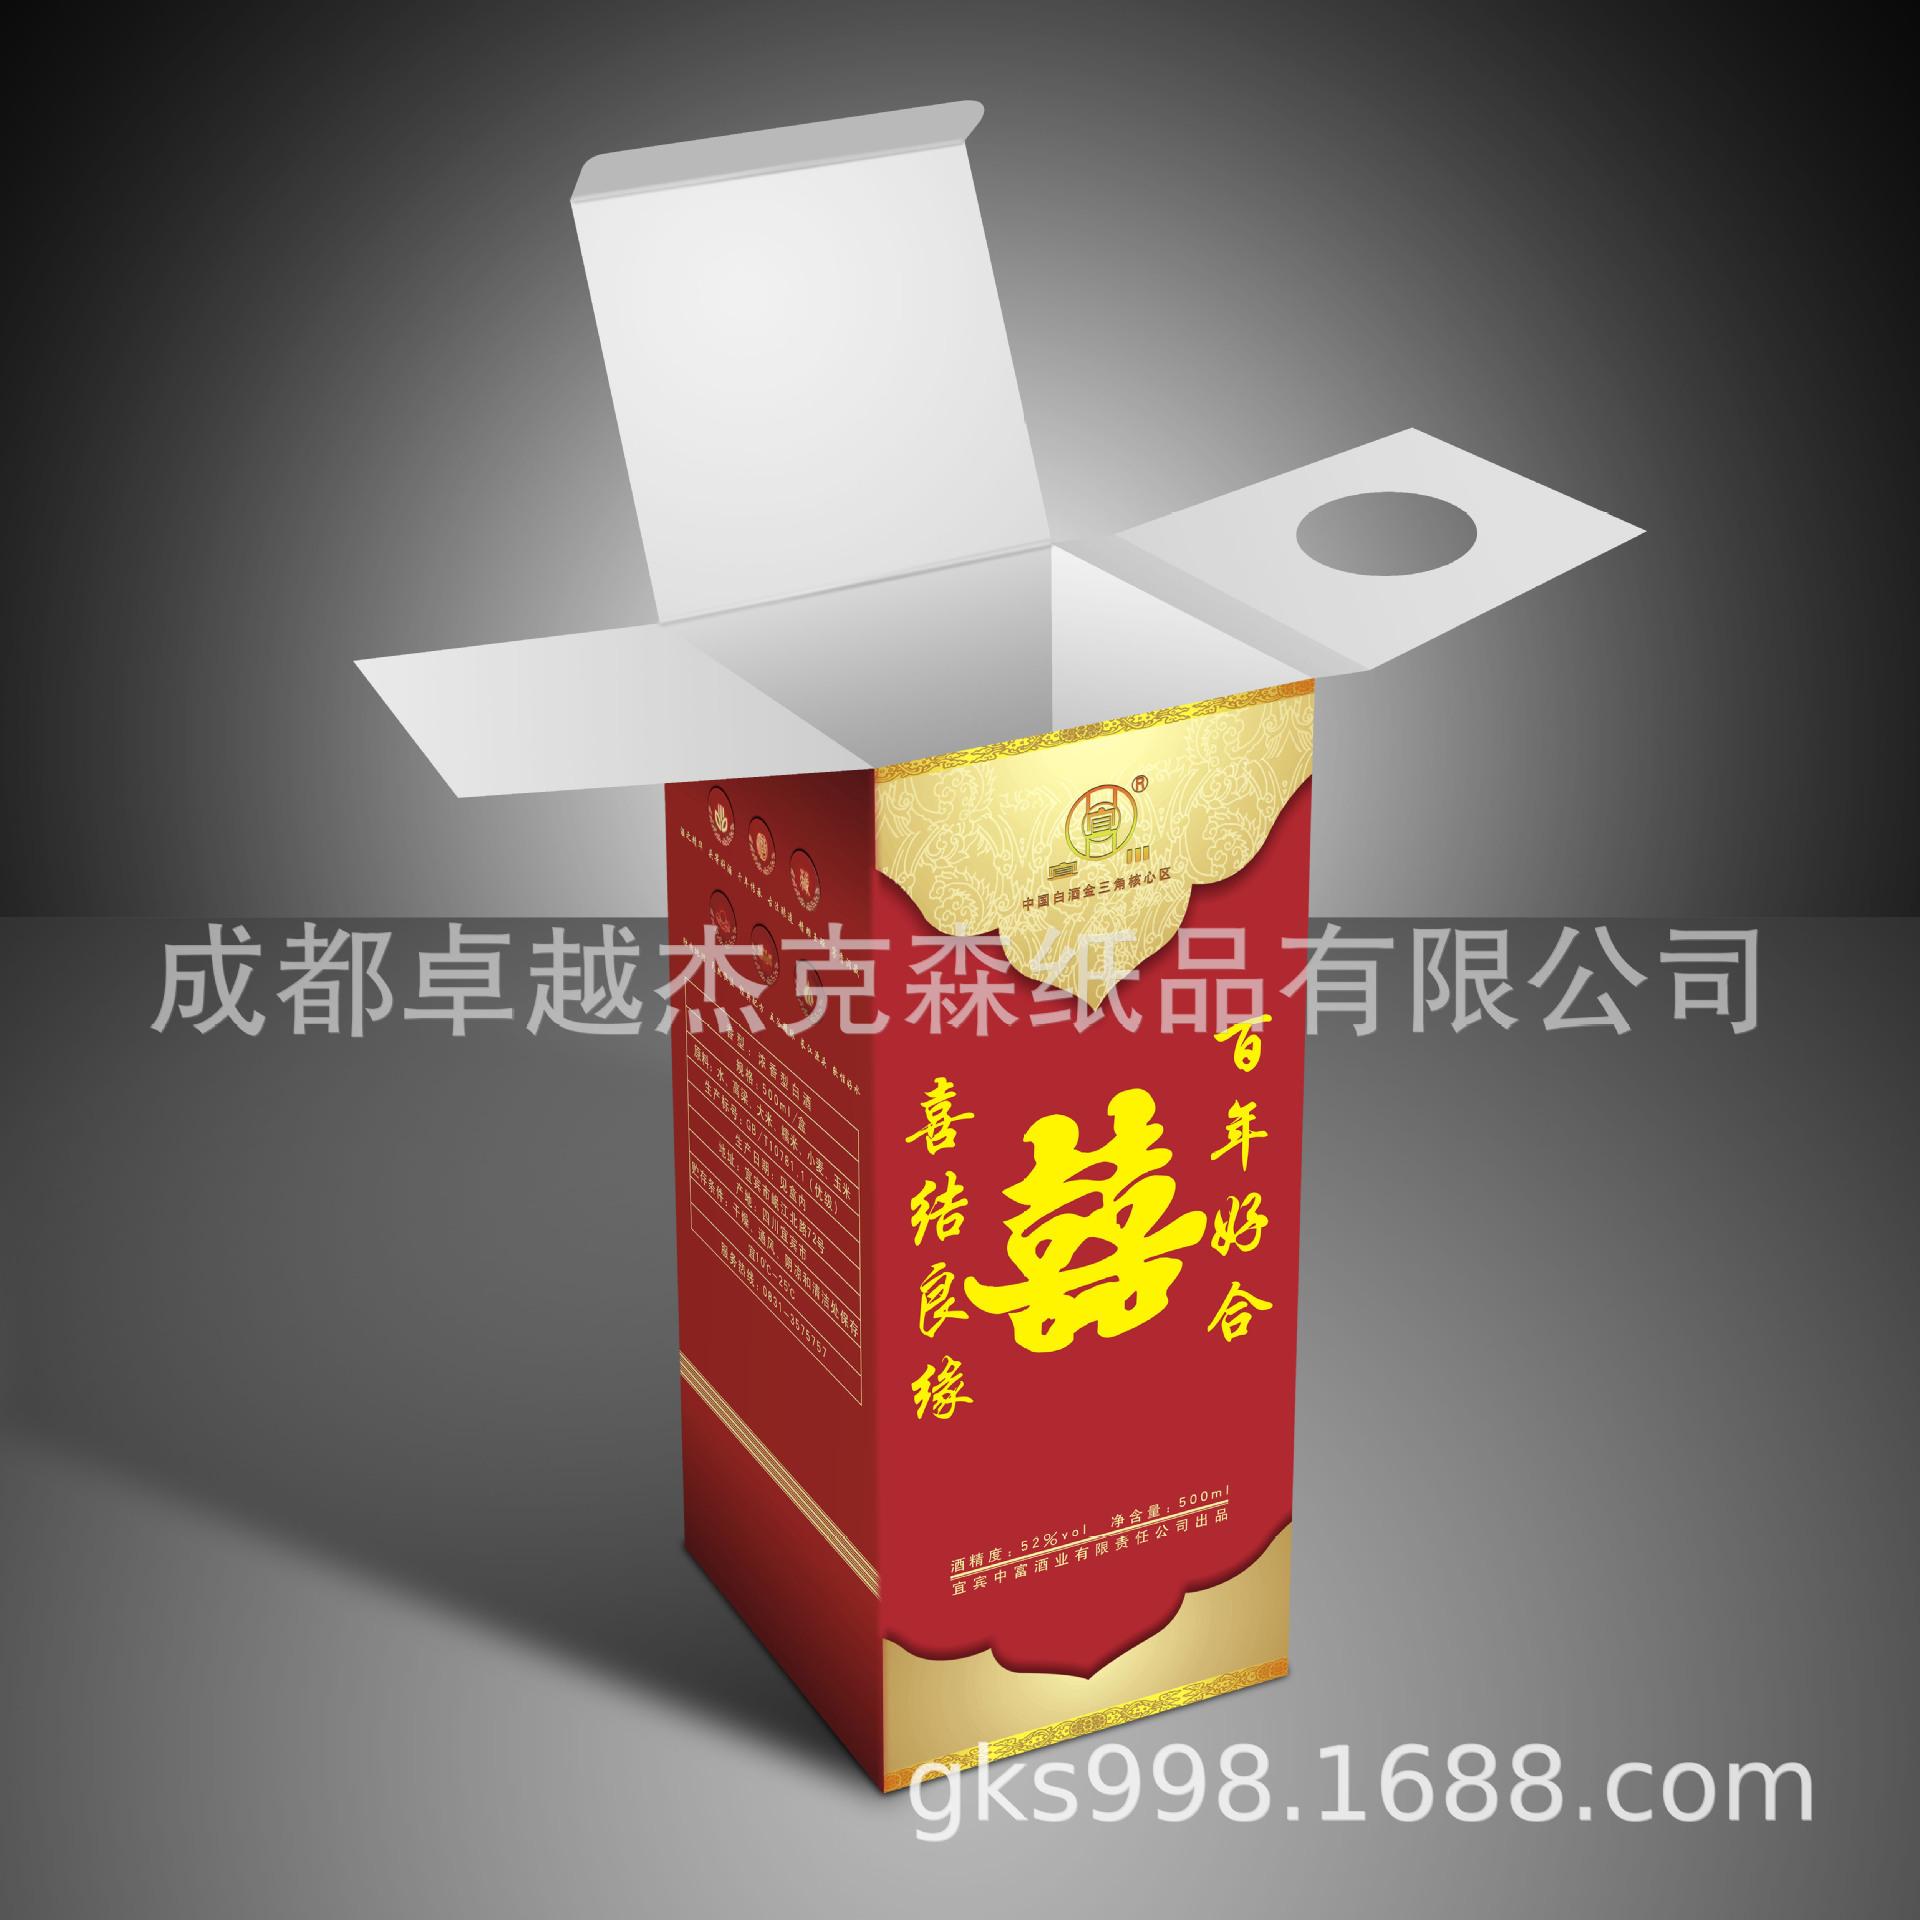 金太阳喜酒包装盒2